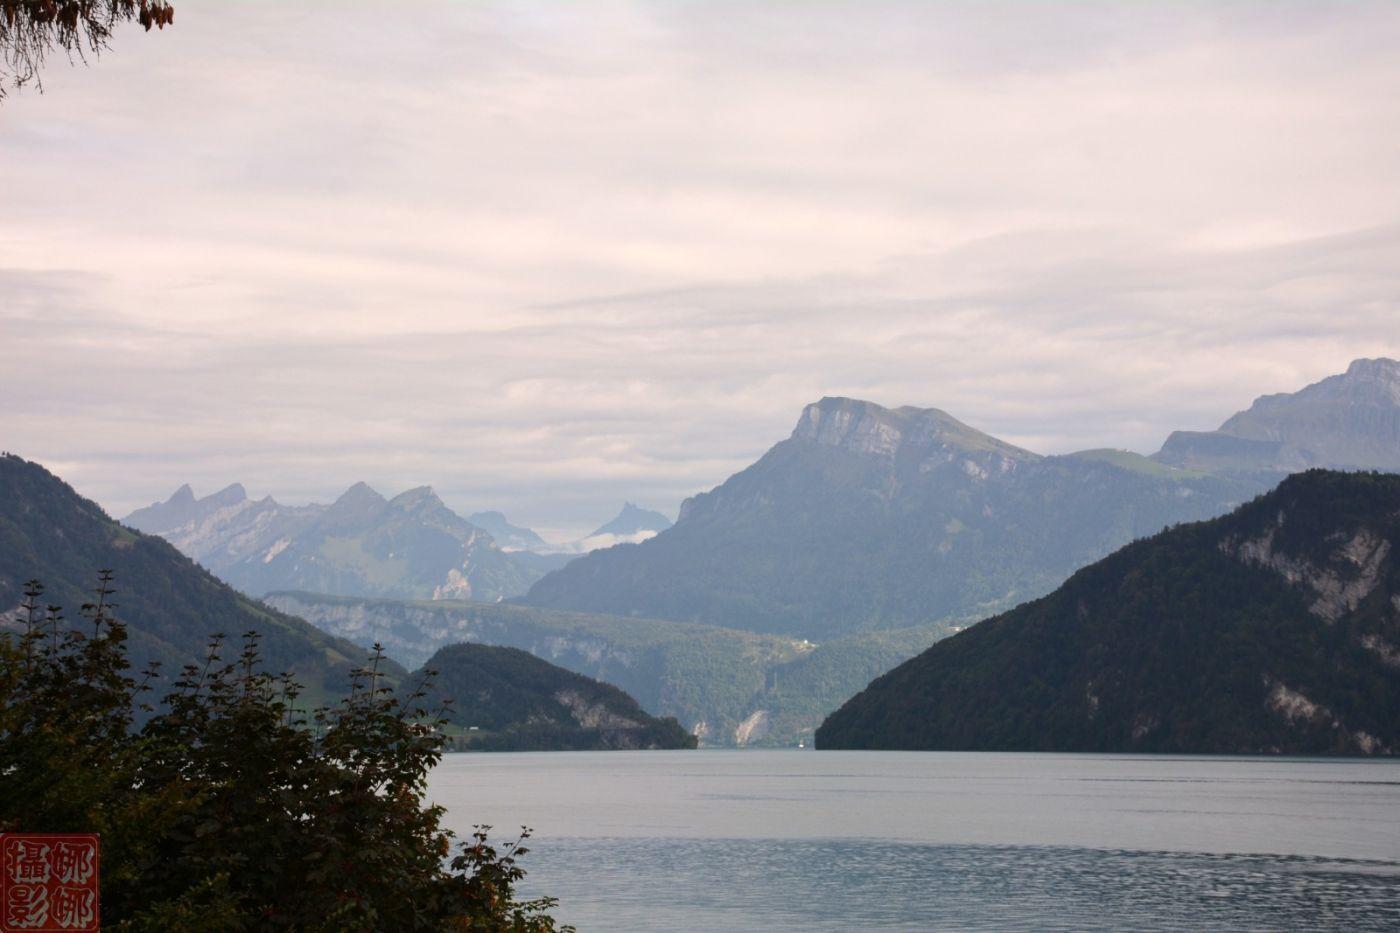 瑞士卢塞恩湖畔风光(二)_图1-1